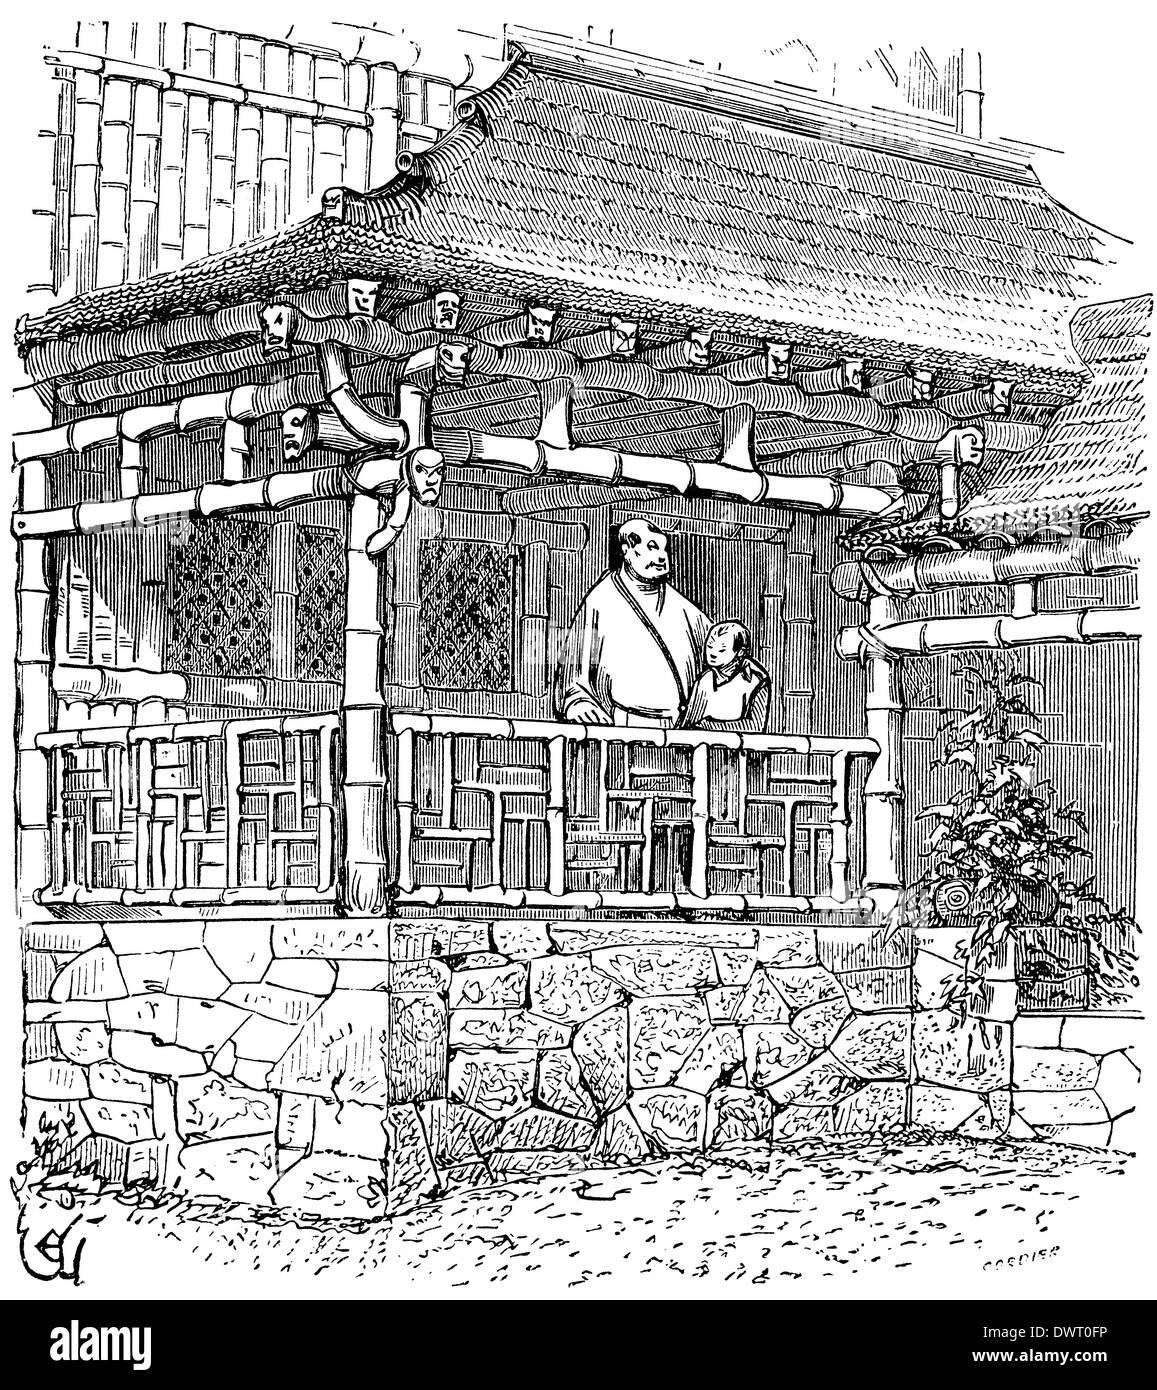 Maison de bambou chinois après le dessin de viollet le duc